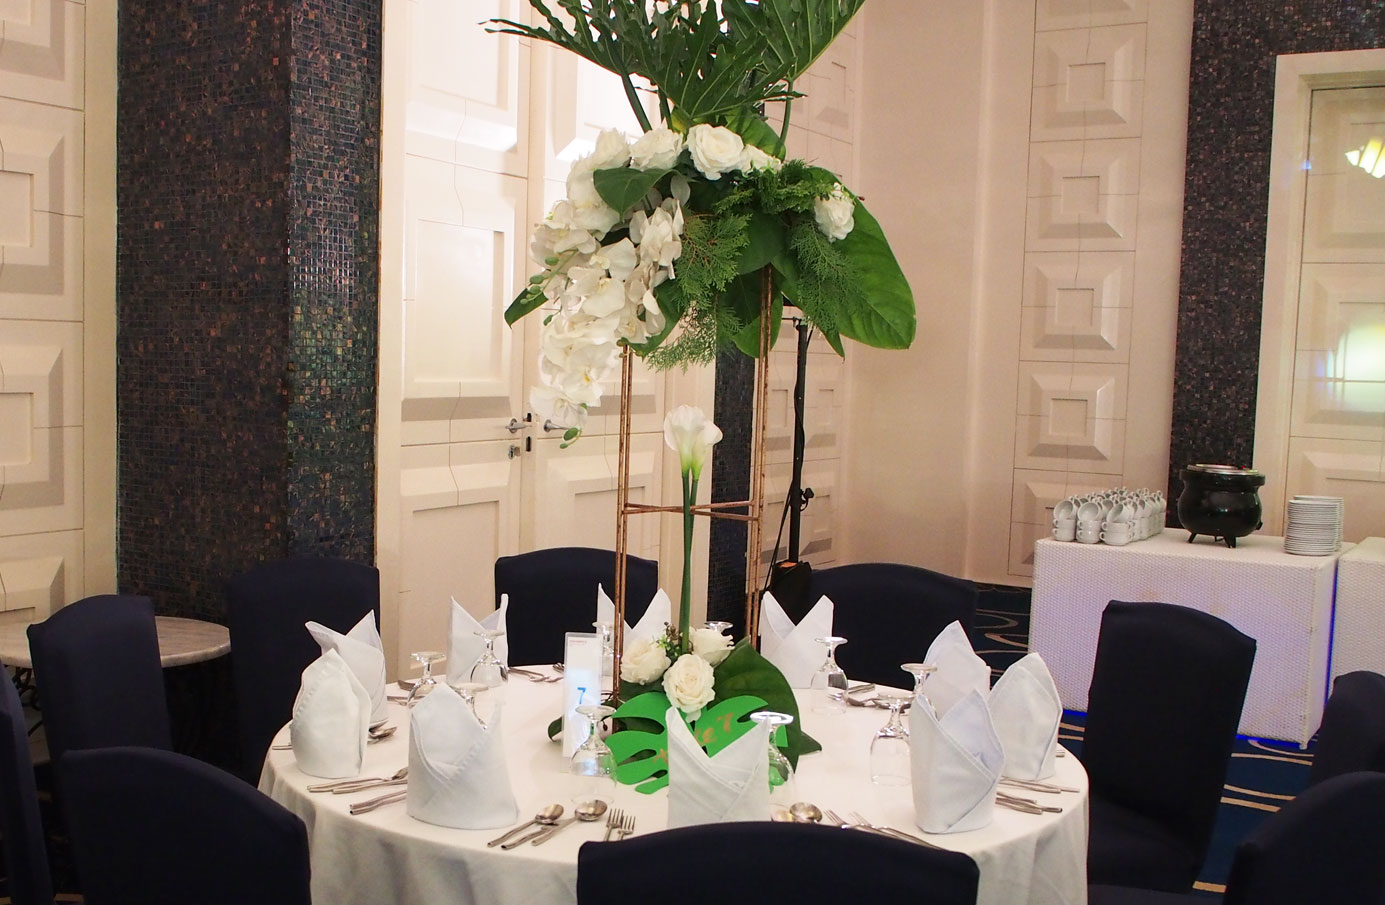 セブ島ウエディングパーティ装飾 セブ島パーティお花 セブ島イベント装飾 cebu wedding decoration